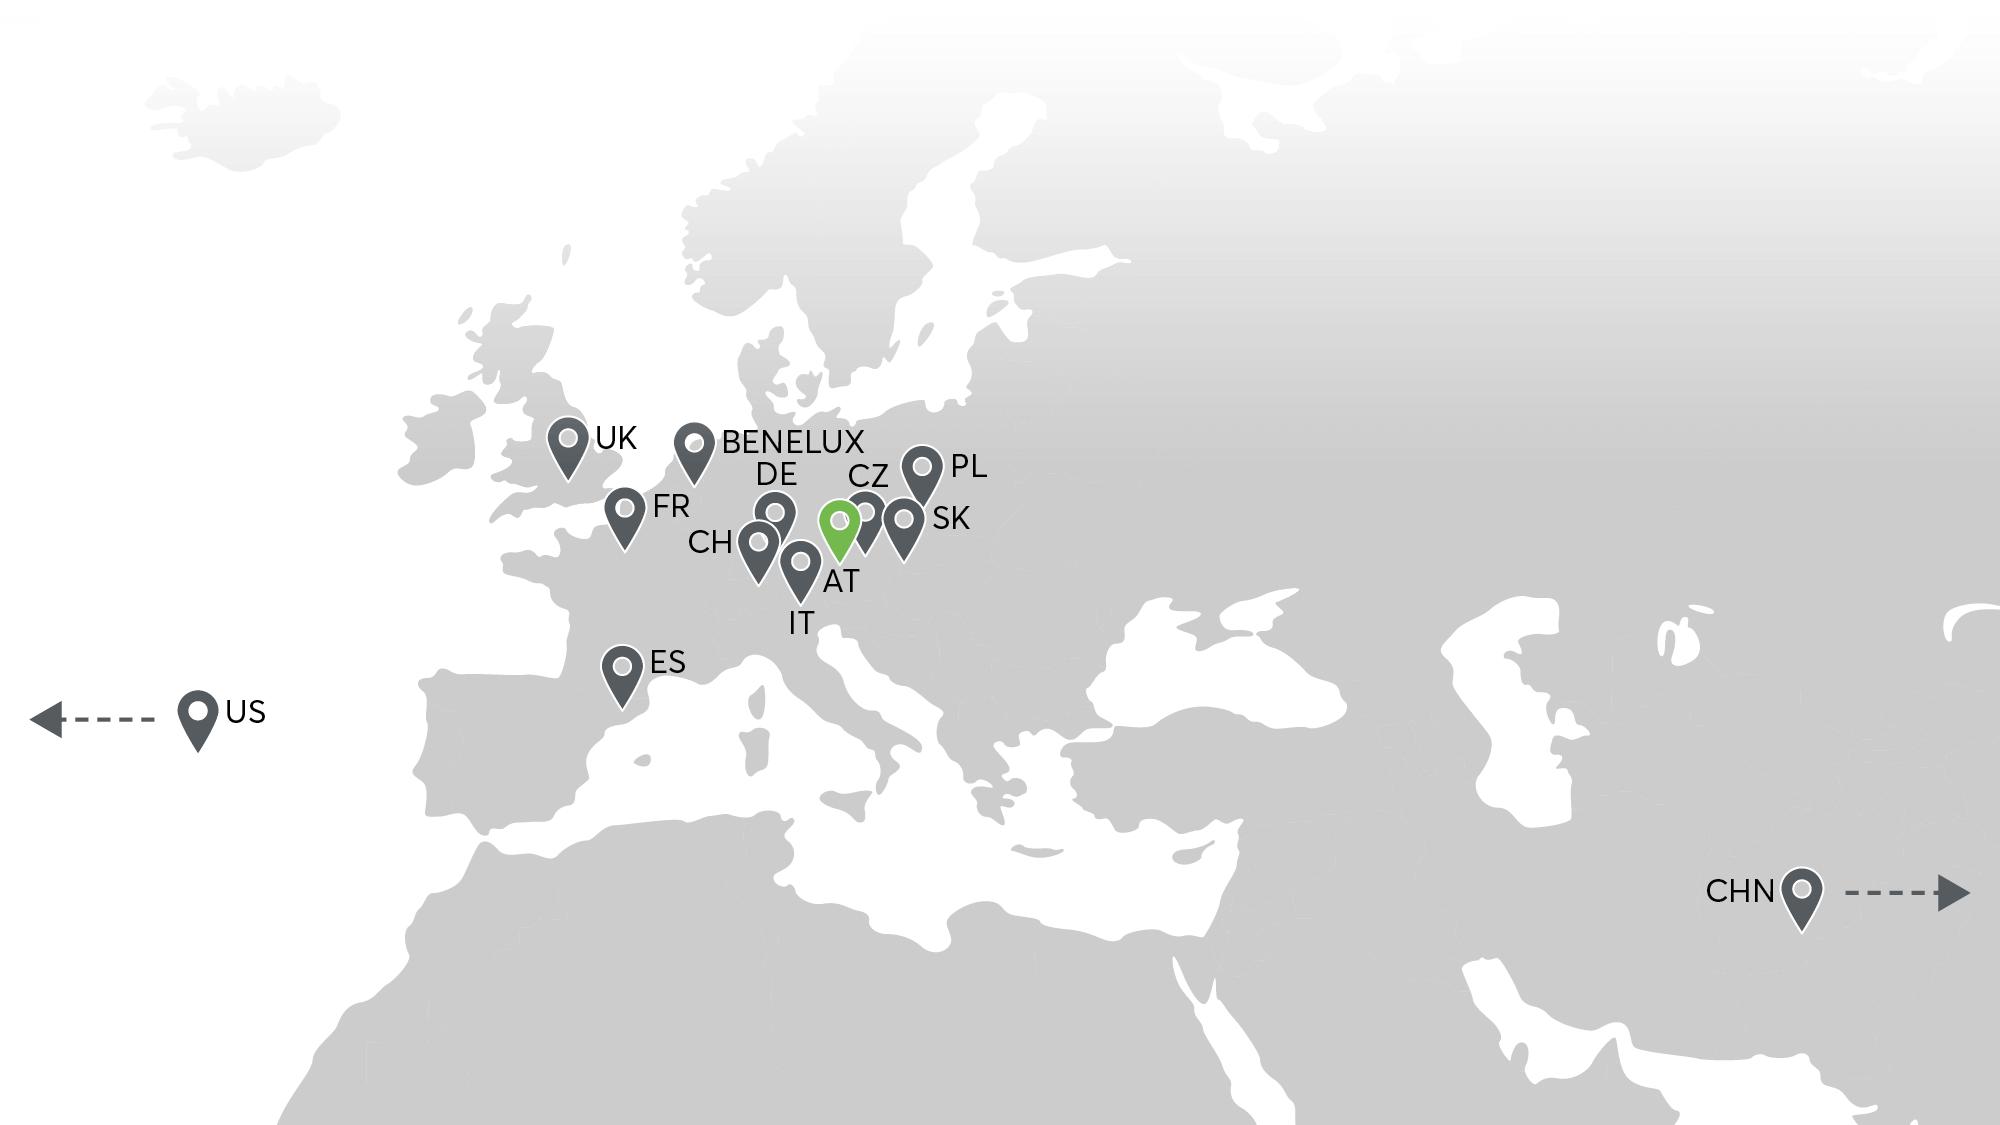 Pobočky Loxone po celém světě